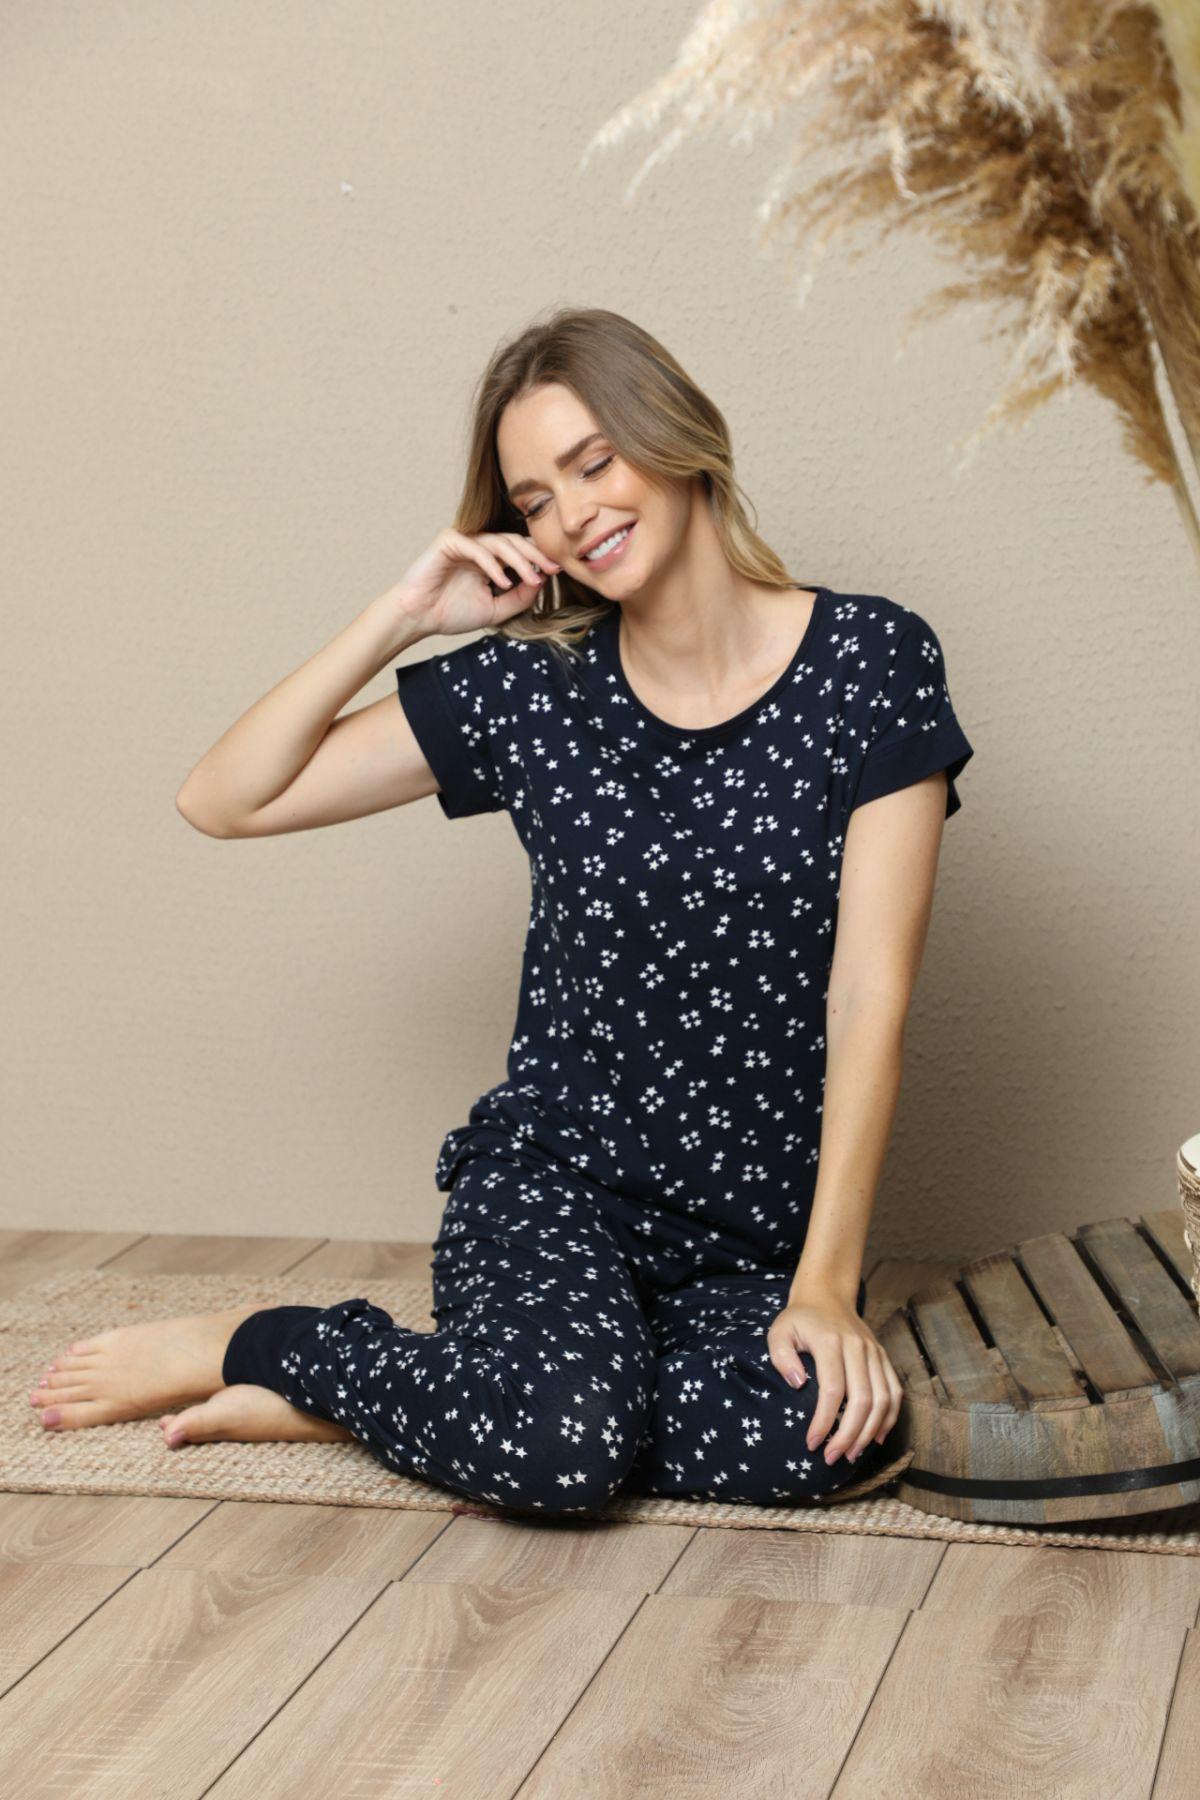 SİYAH İNCİ - Kısa Kollu Pamuklu Likralı Pijama Takım 21133516